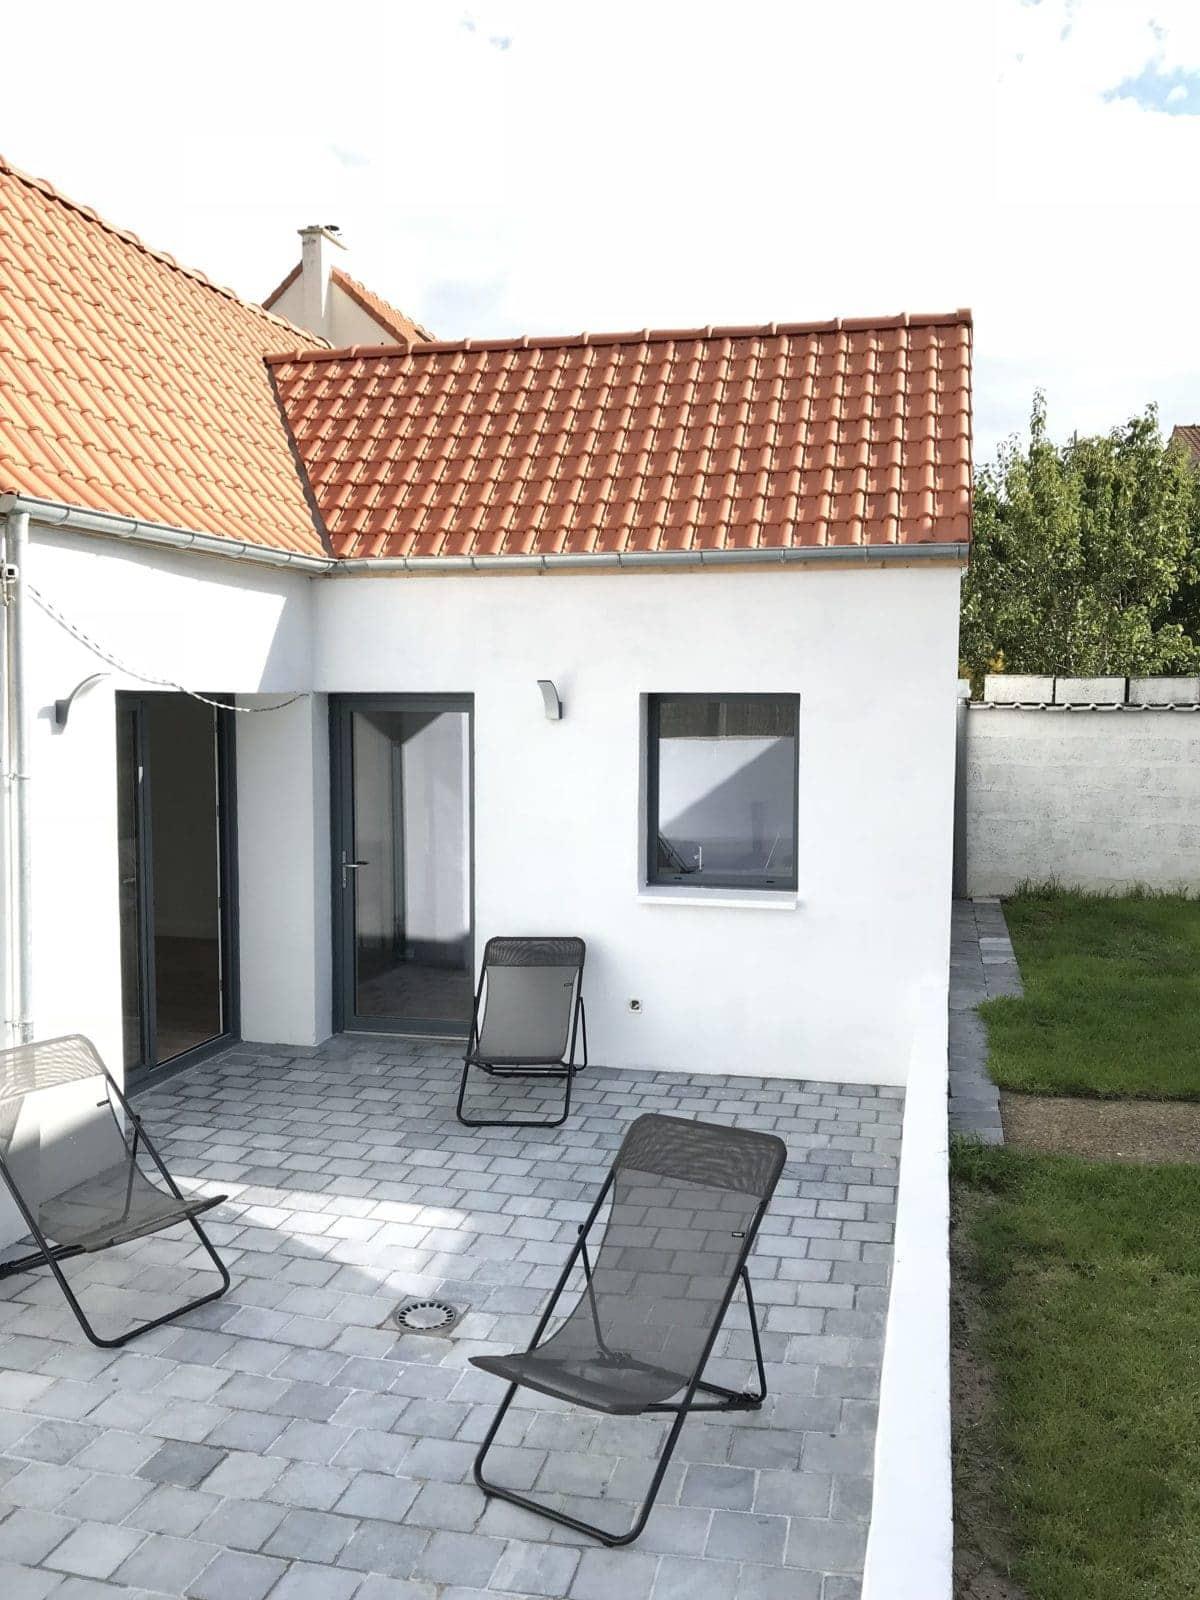 wissant-renovation-extension-travaux-avec-amenagement-terrasse